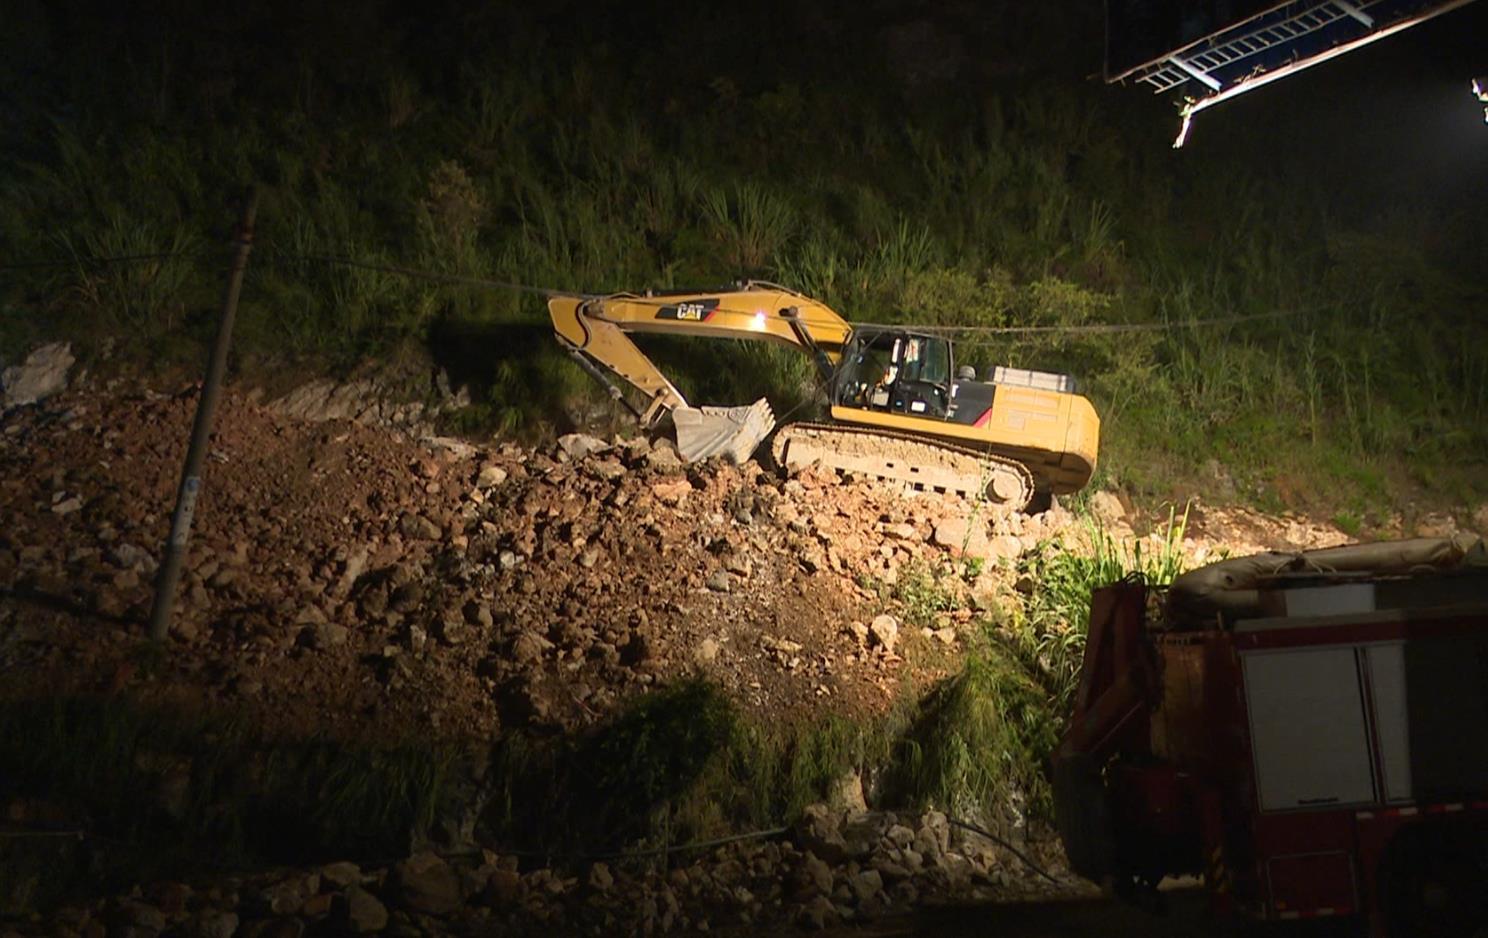 贵州三荔高速施工现场山体滑坡 已致3死3人失踪